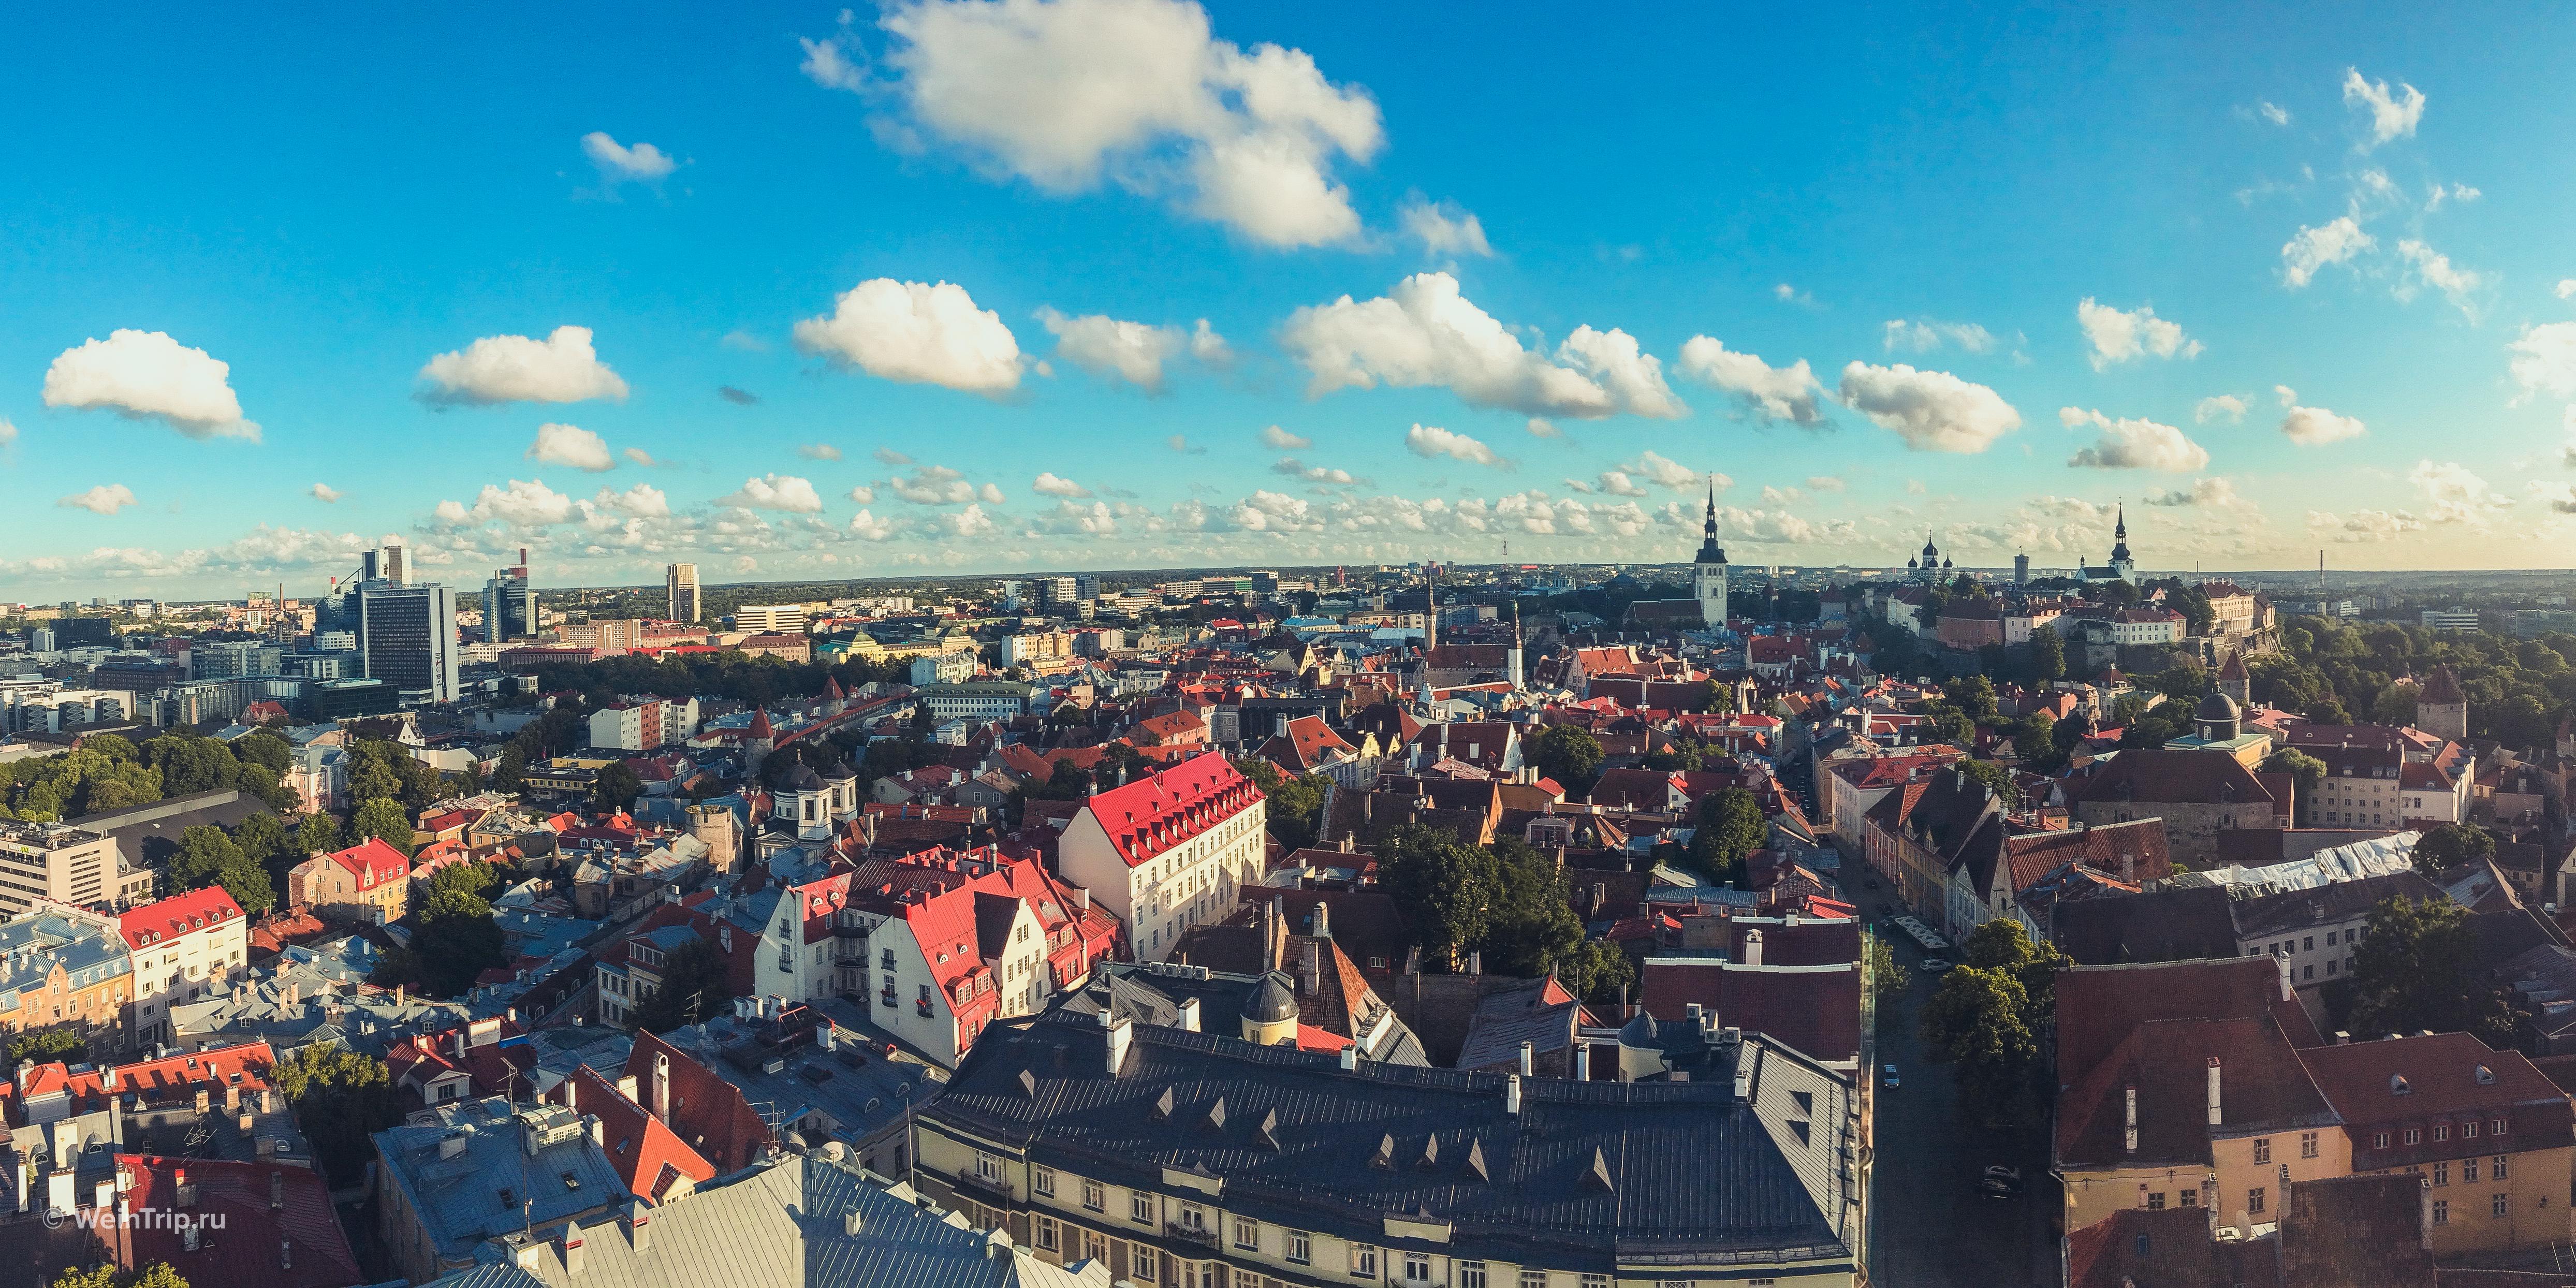 Путешествие на велосипеде по Европе. Часть 1. Из Литвы в Польшу.